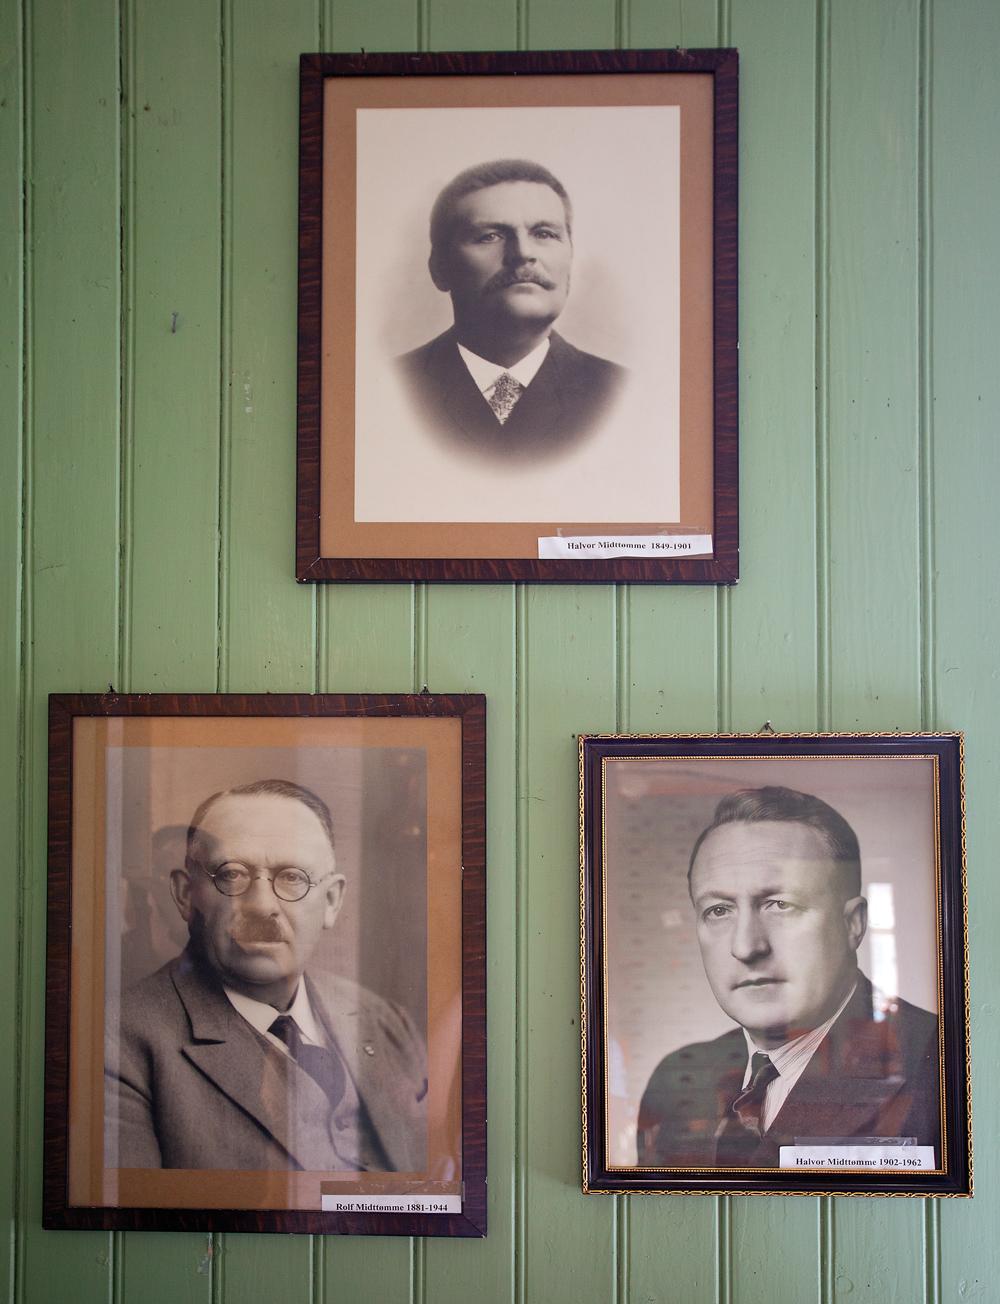 Tre generasjoner Midttømme på veggen.